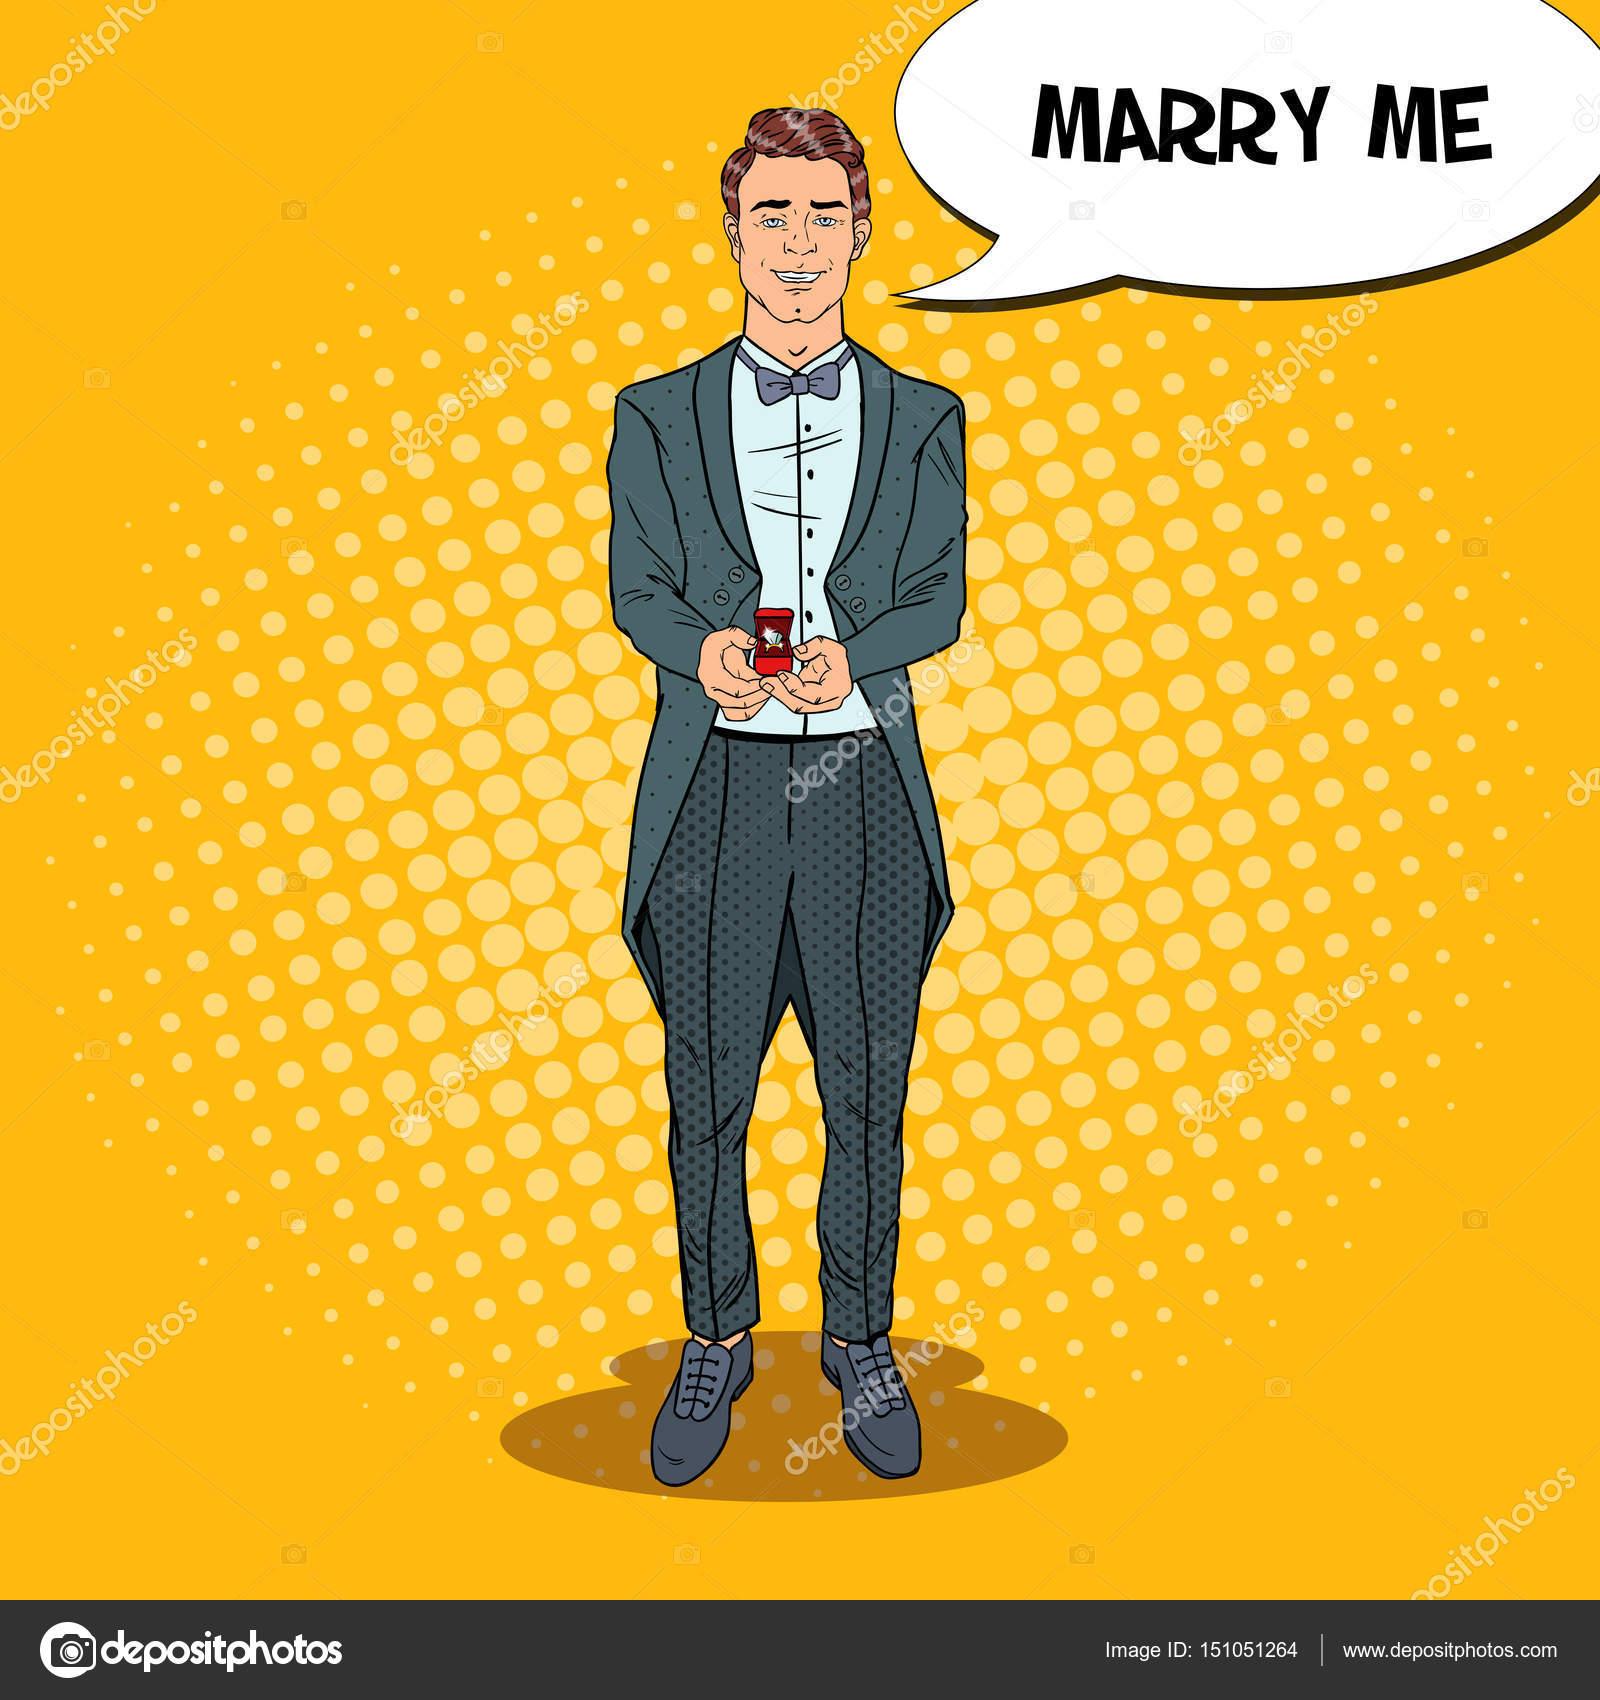 Matrimonio In Frac : Pop art belluomo in frac con anello di nozze. proposta di